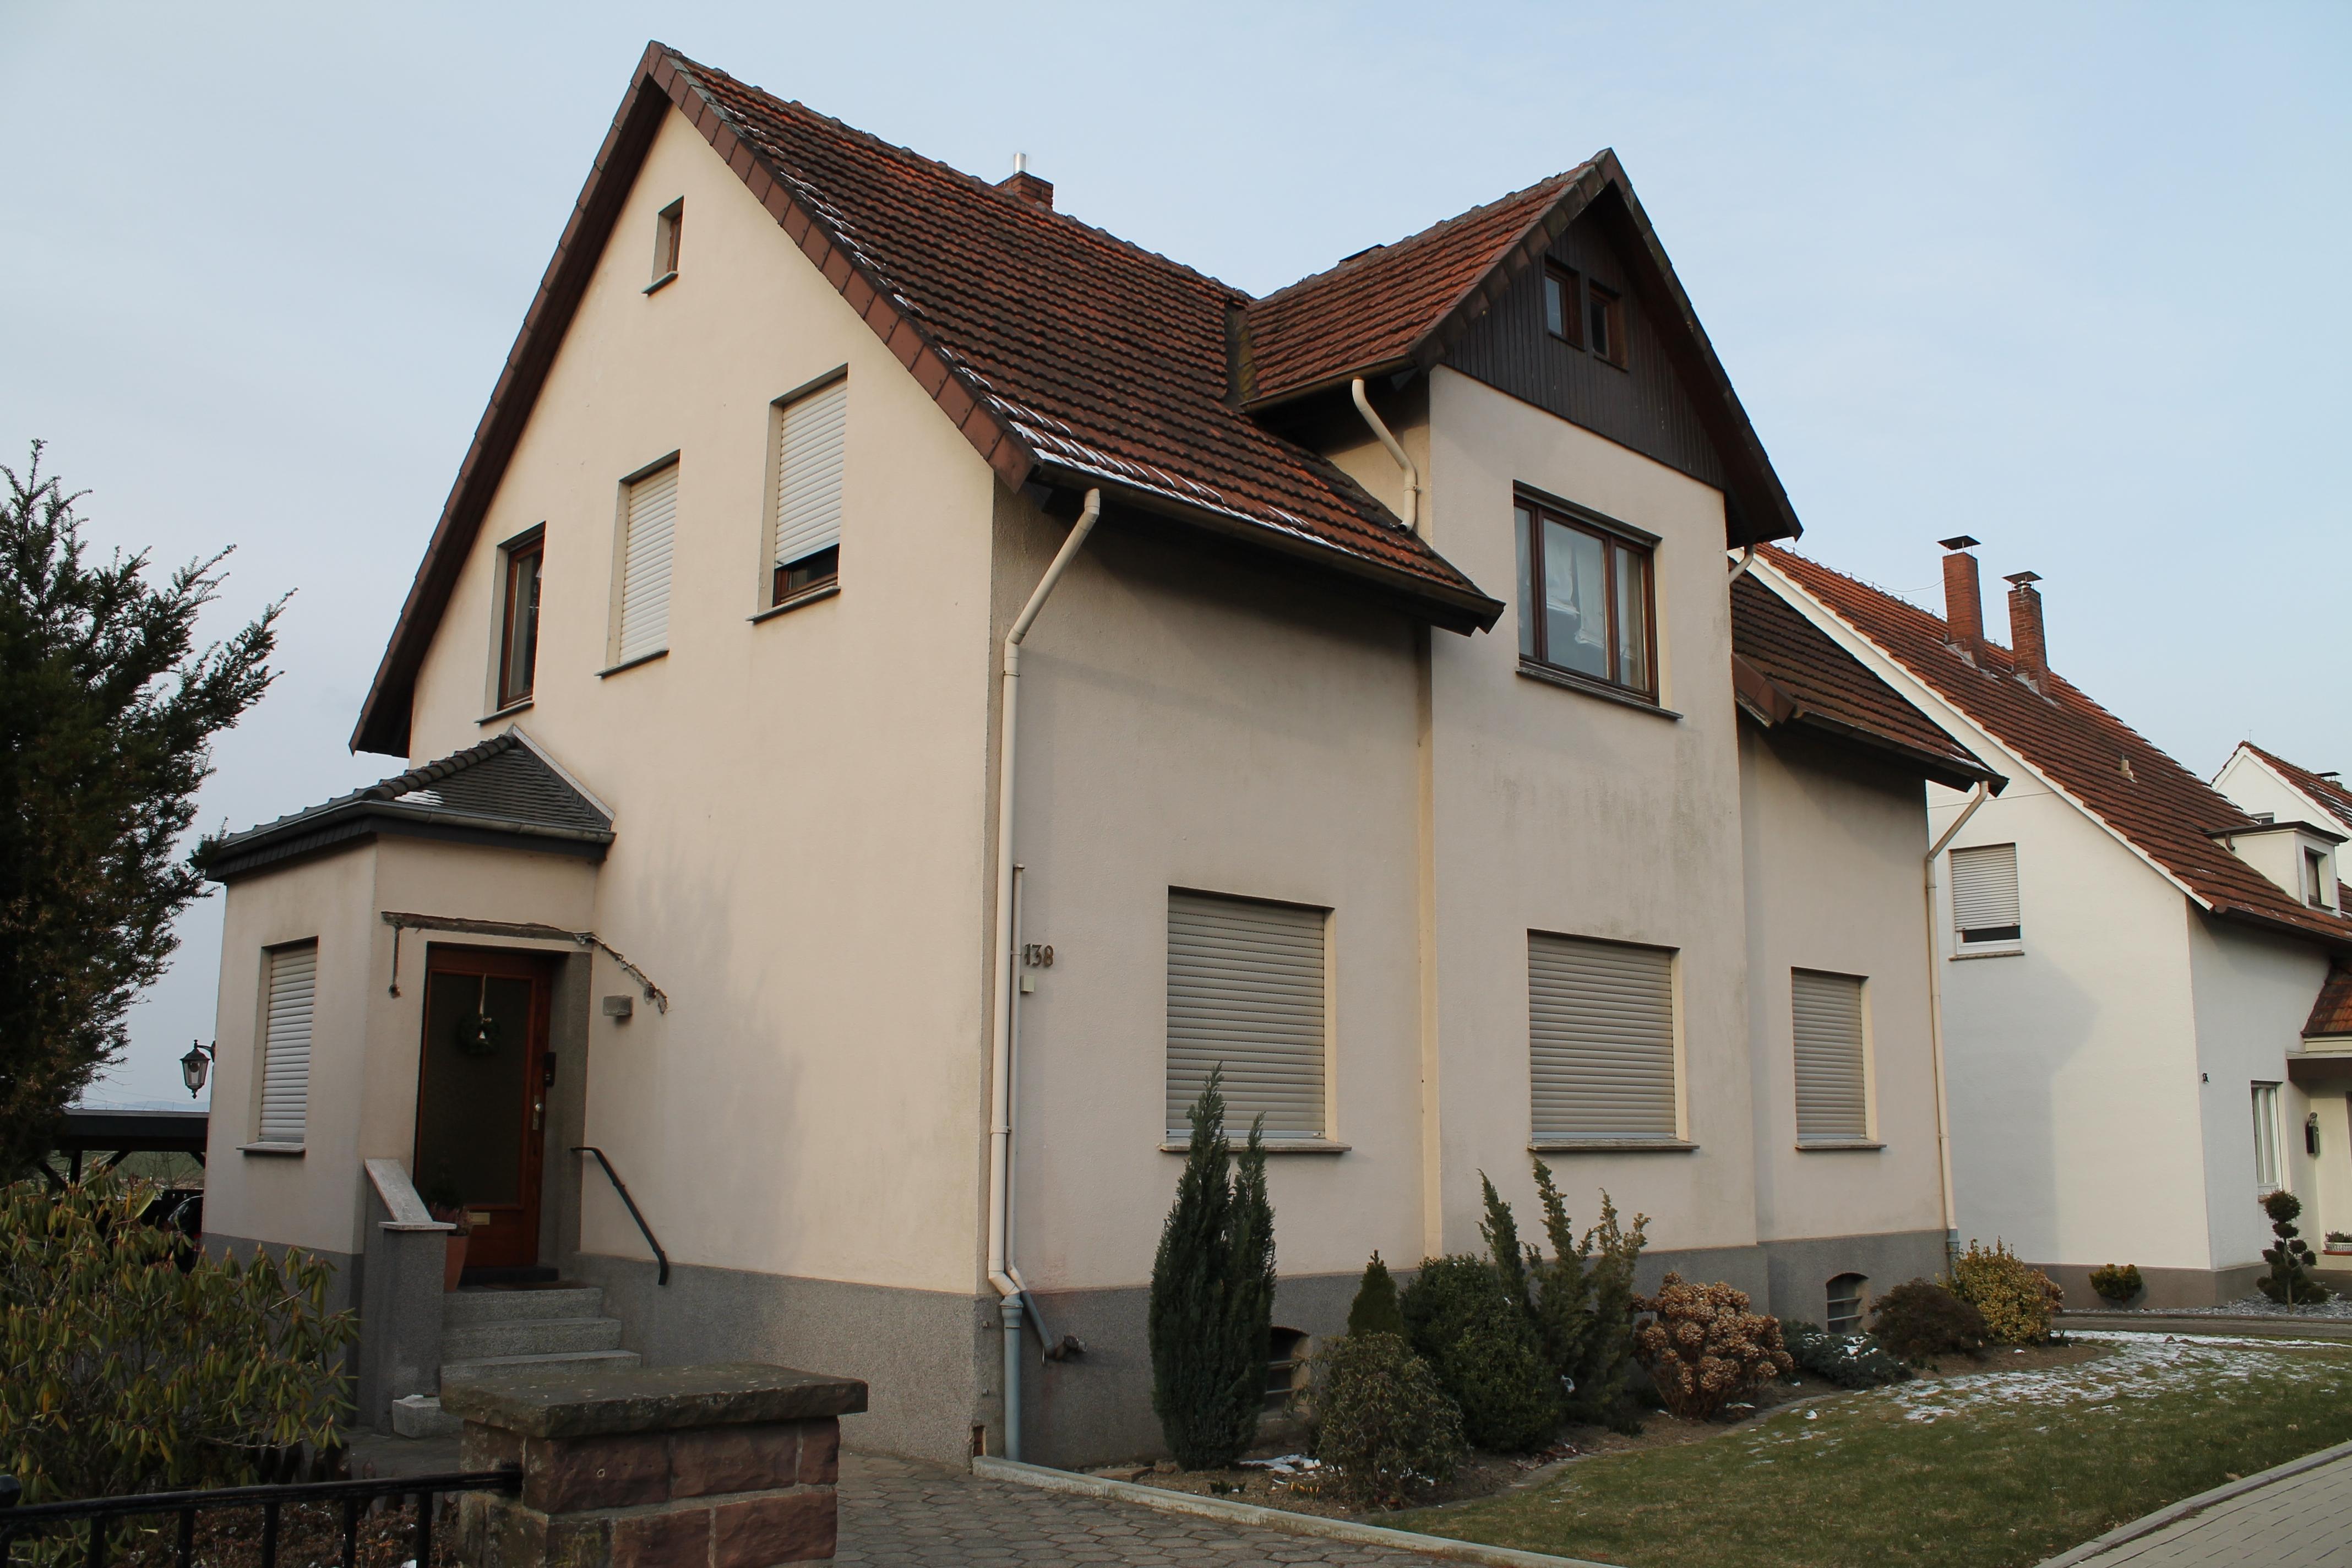 Foto Haus 1